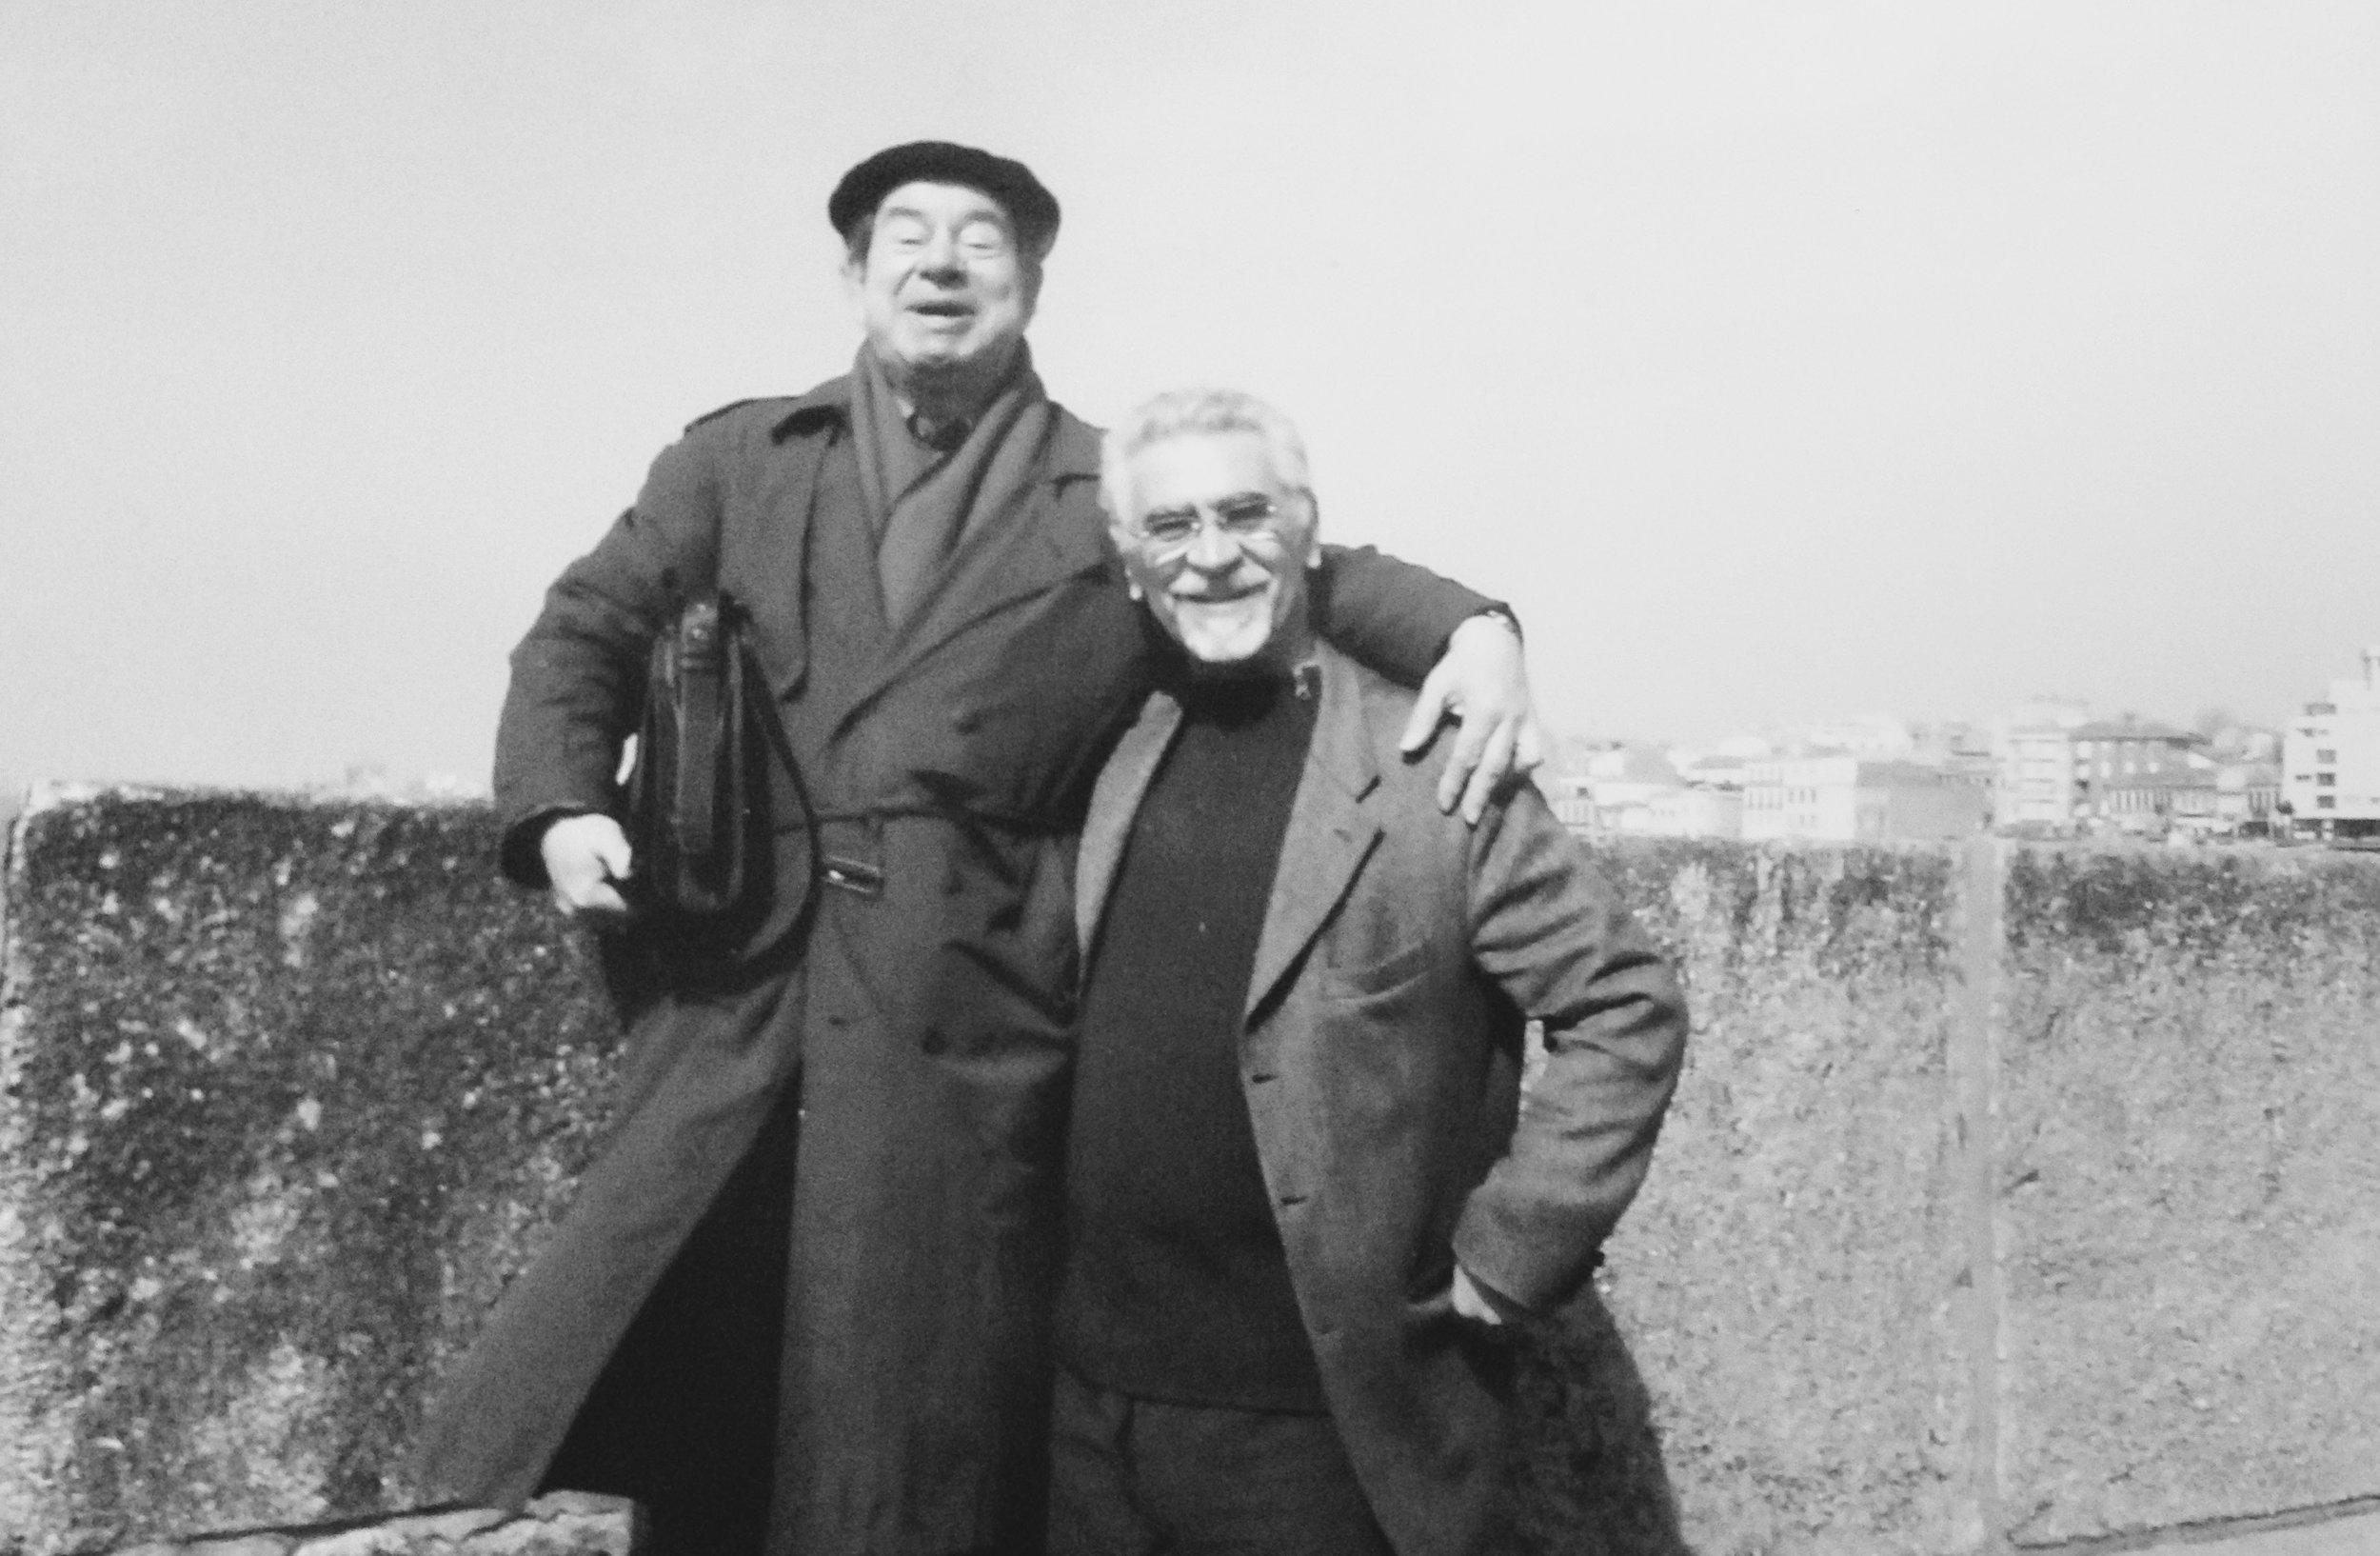 With César figueiredo at Foz do Douro